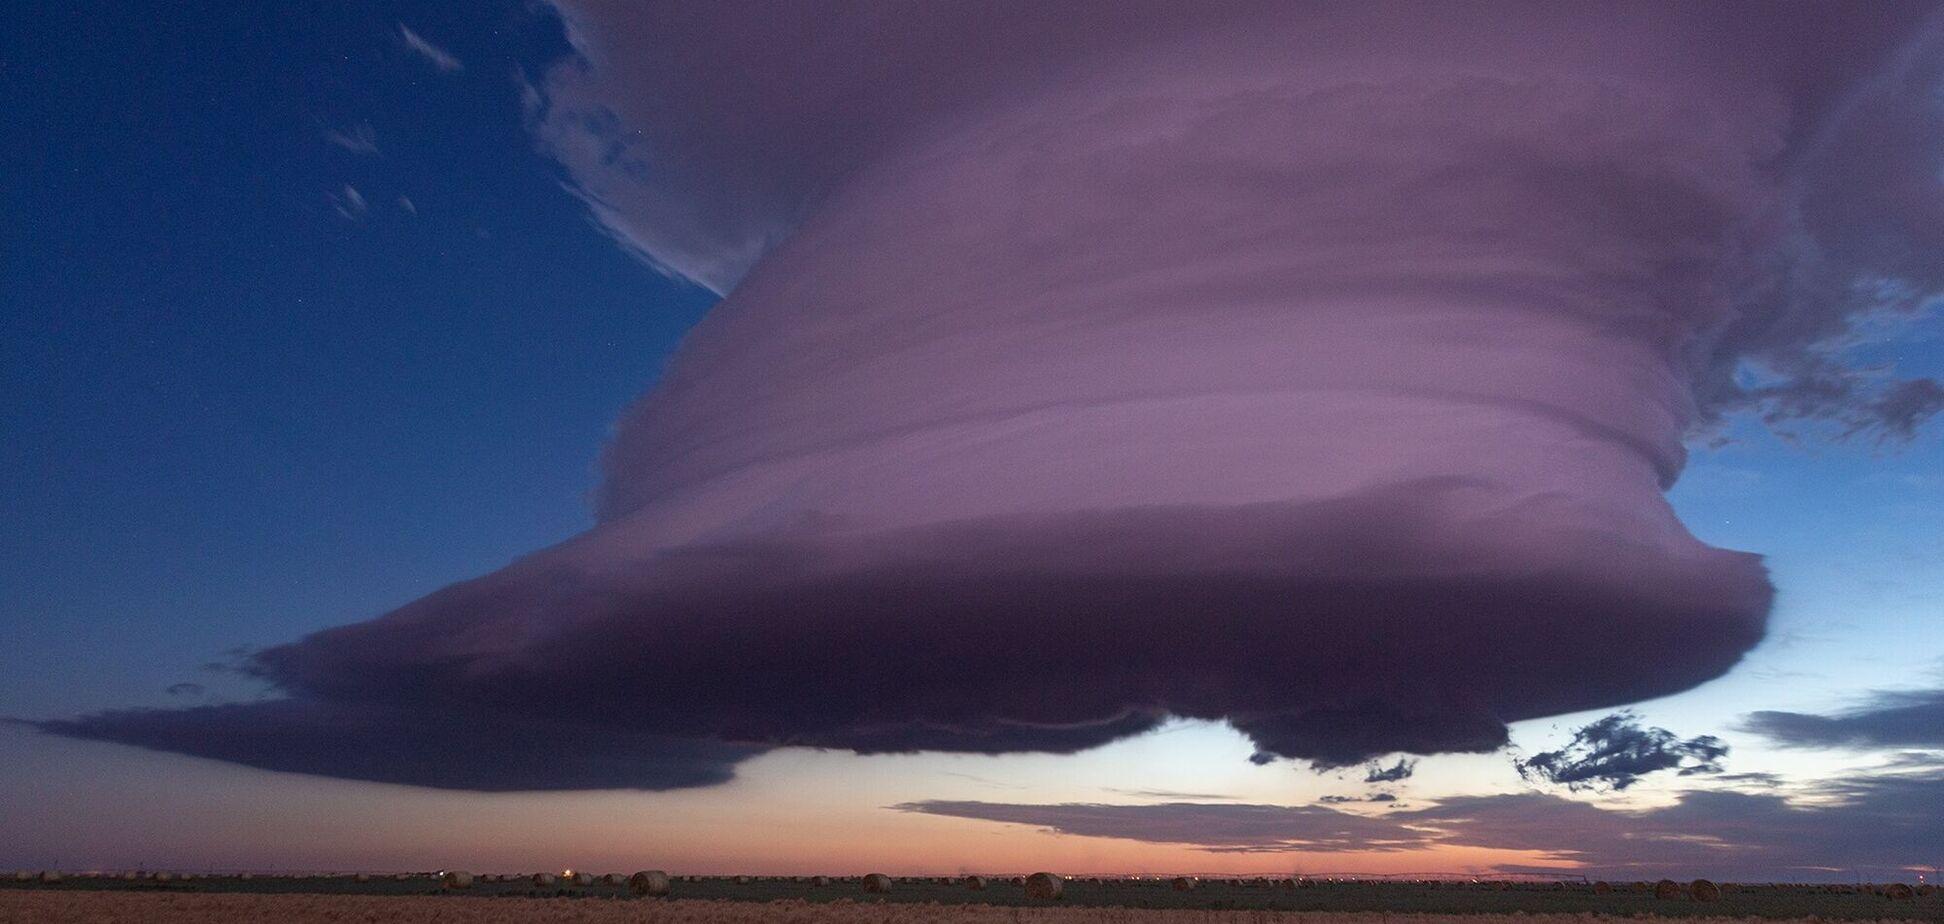 Небо над Техасом прикрасили вітряні вихори. Фото